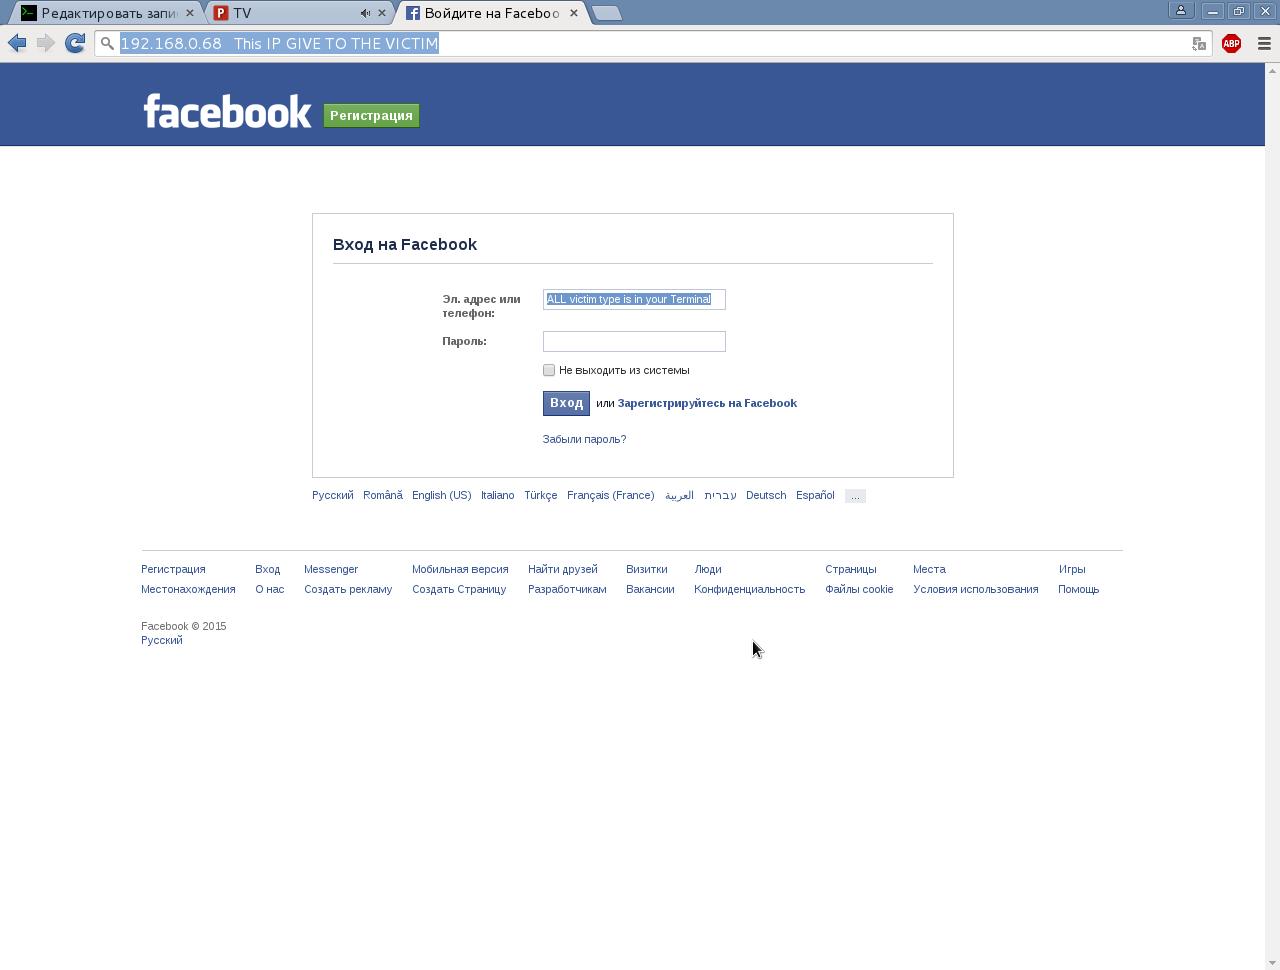 Клонирование Facebook.com